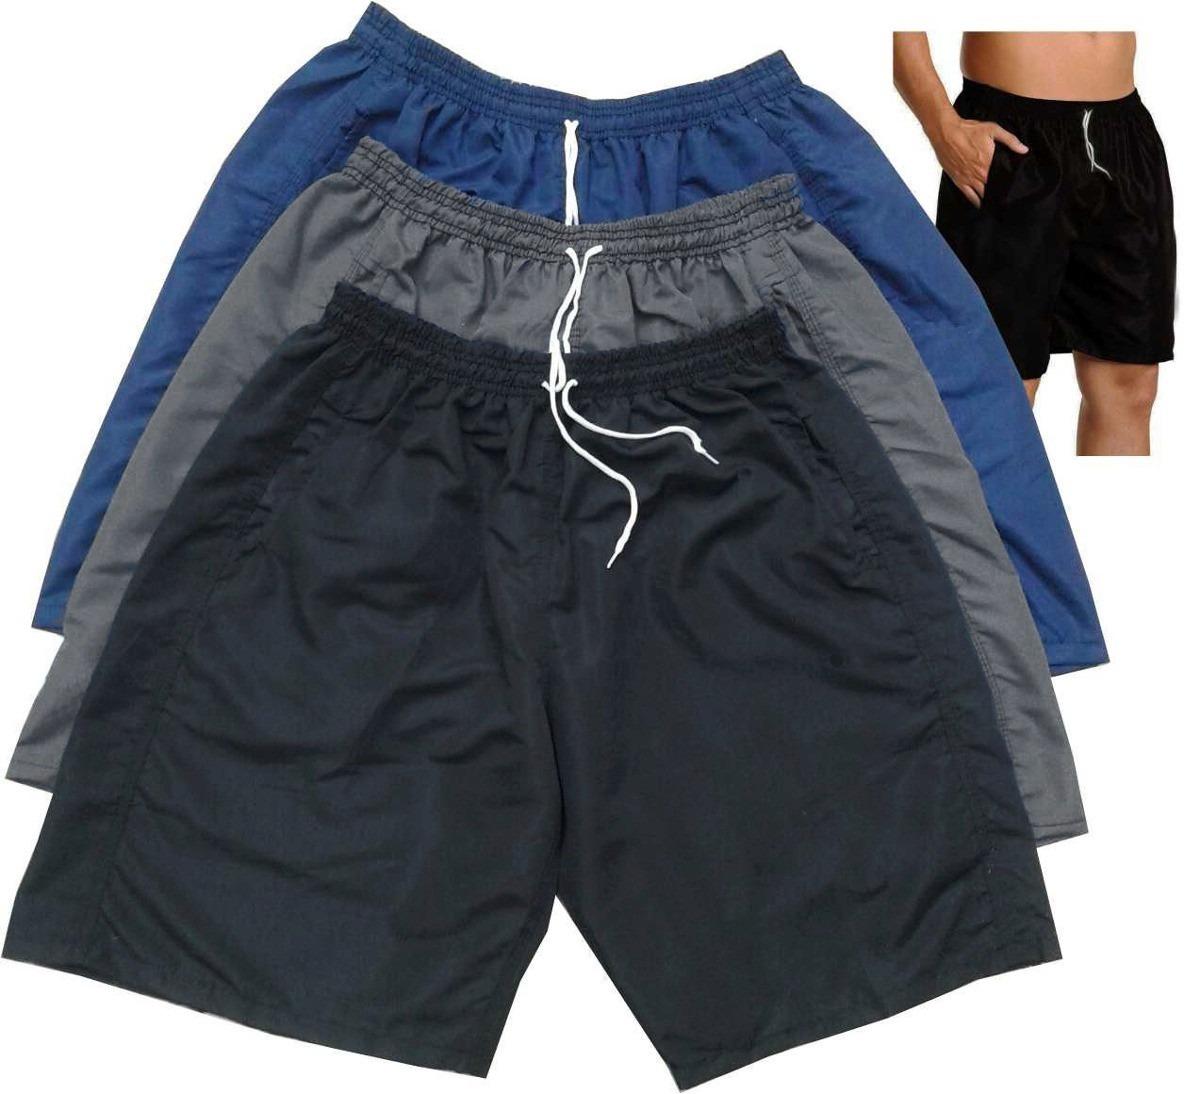 337d5e01df551 short masculino esportivo academia com bolsos regulável. Carregando zoom.